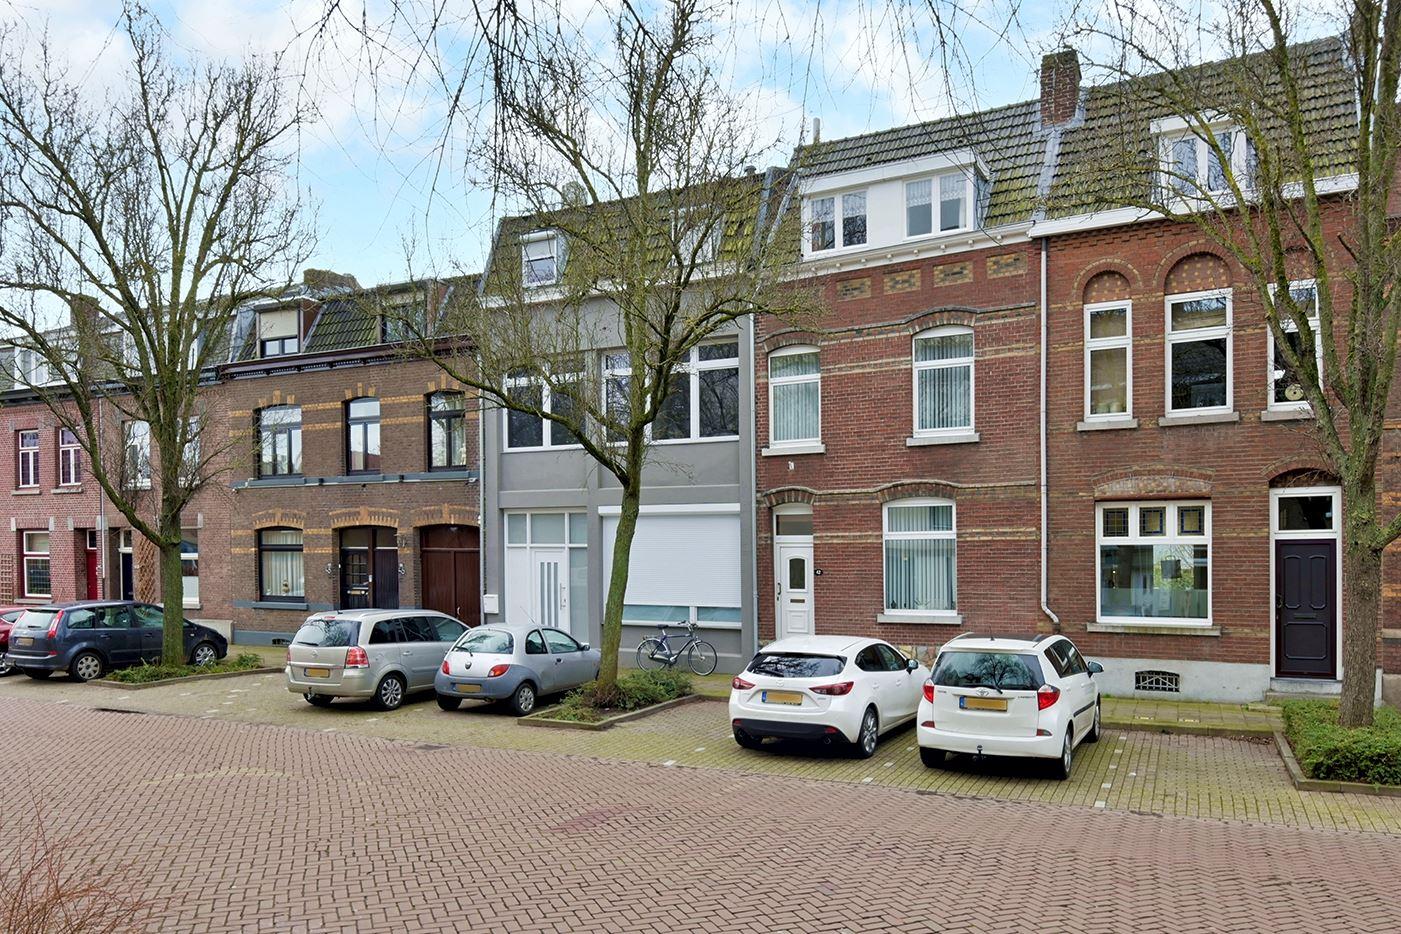 View photo 4 of Heerderweg 42